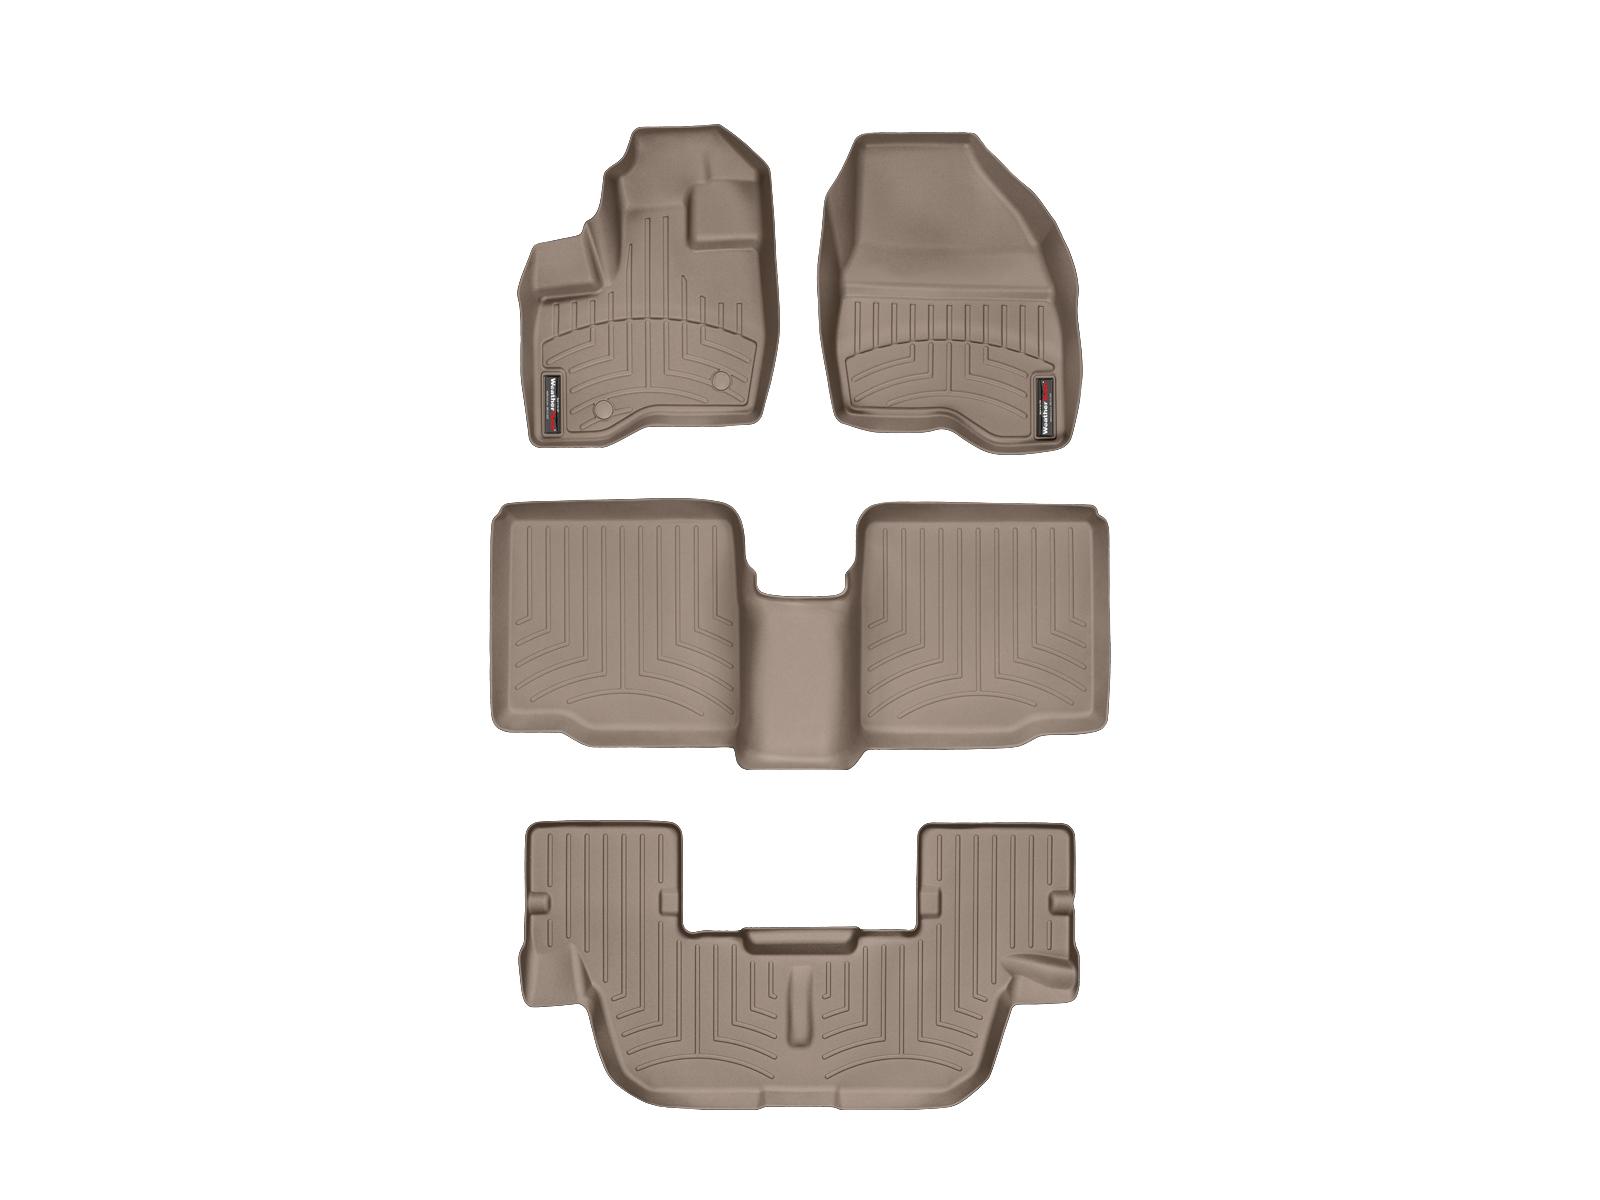 Tappeti gomma su misura bordo alto Ford Explorer 11>14 Marrone A866*